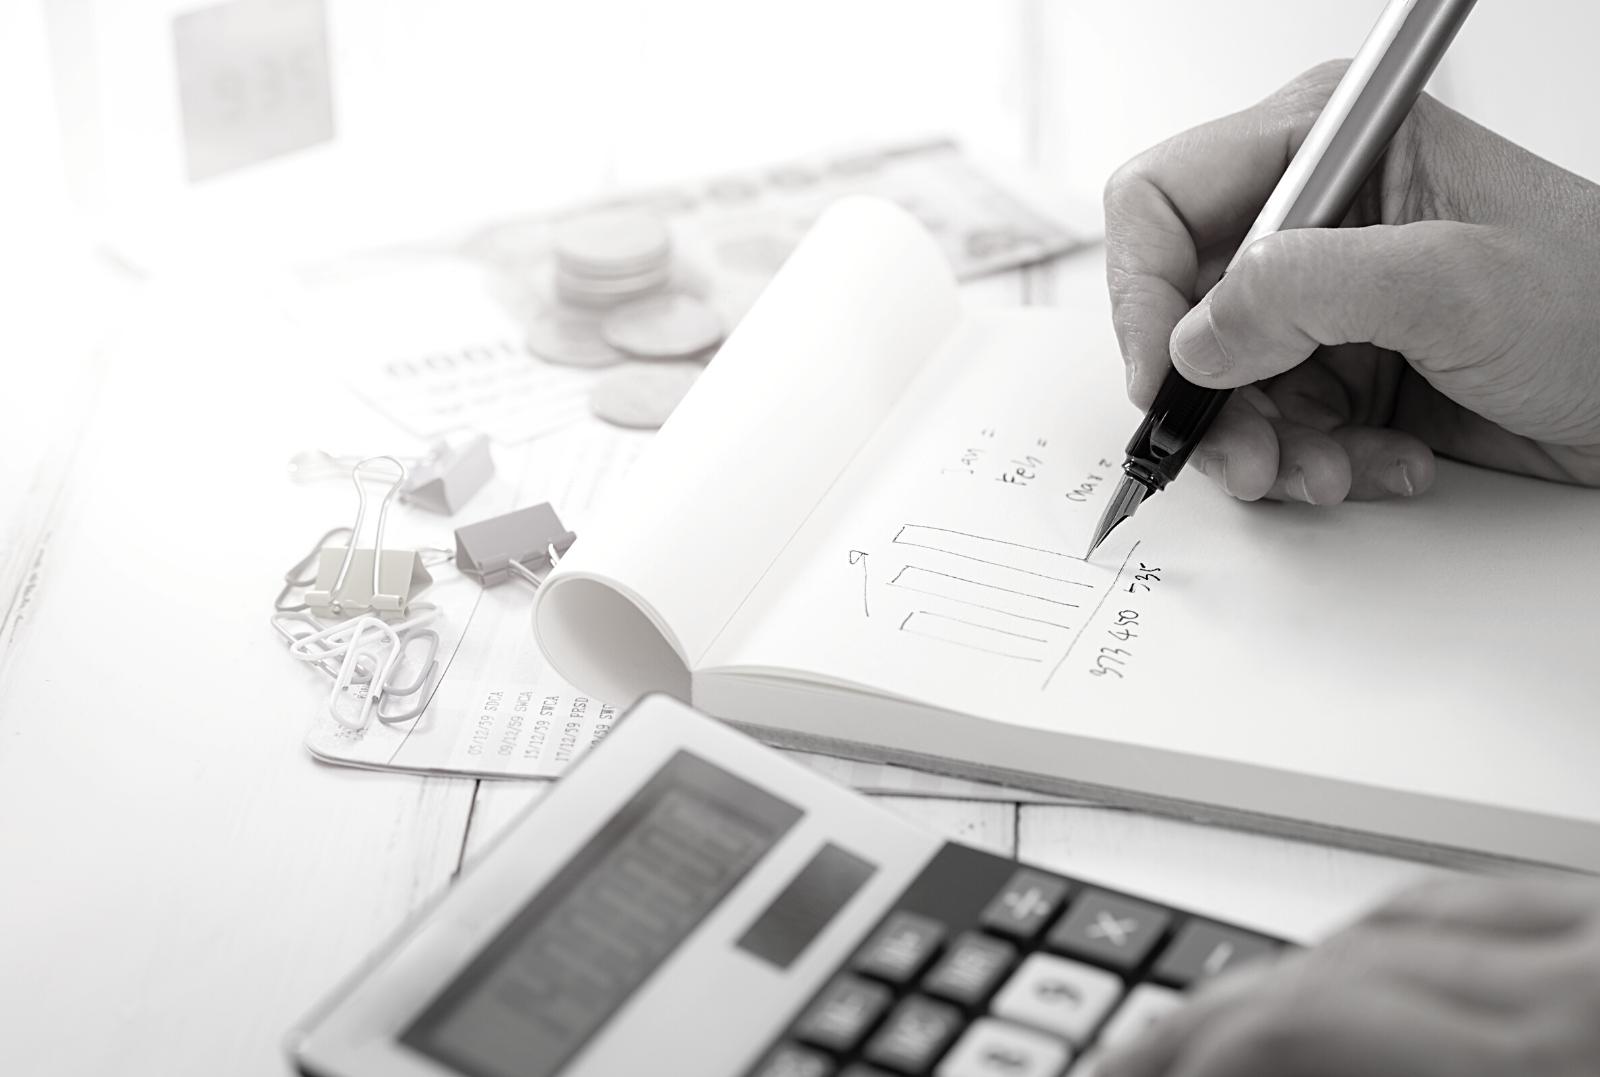 L'apport-cession : un avantage fiscal à ne pas négliger